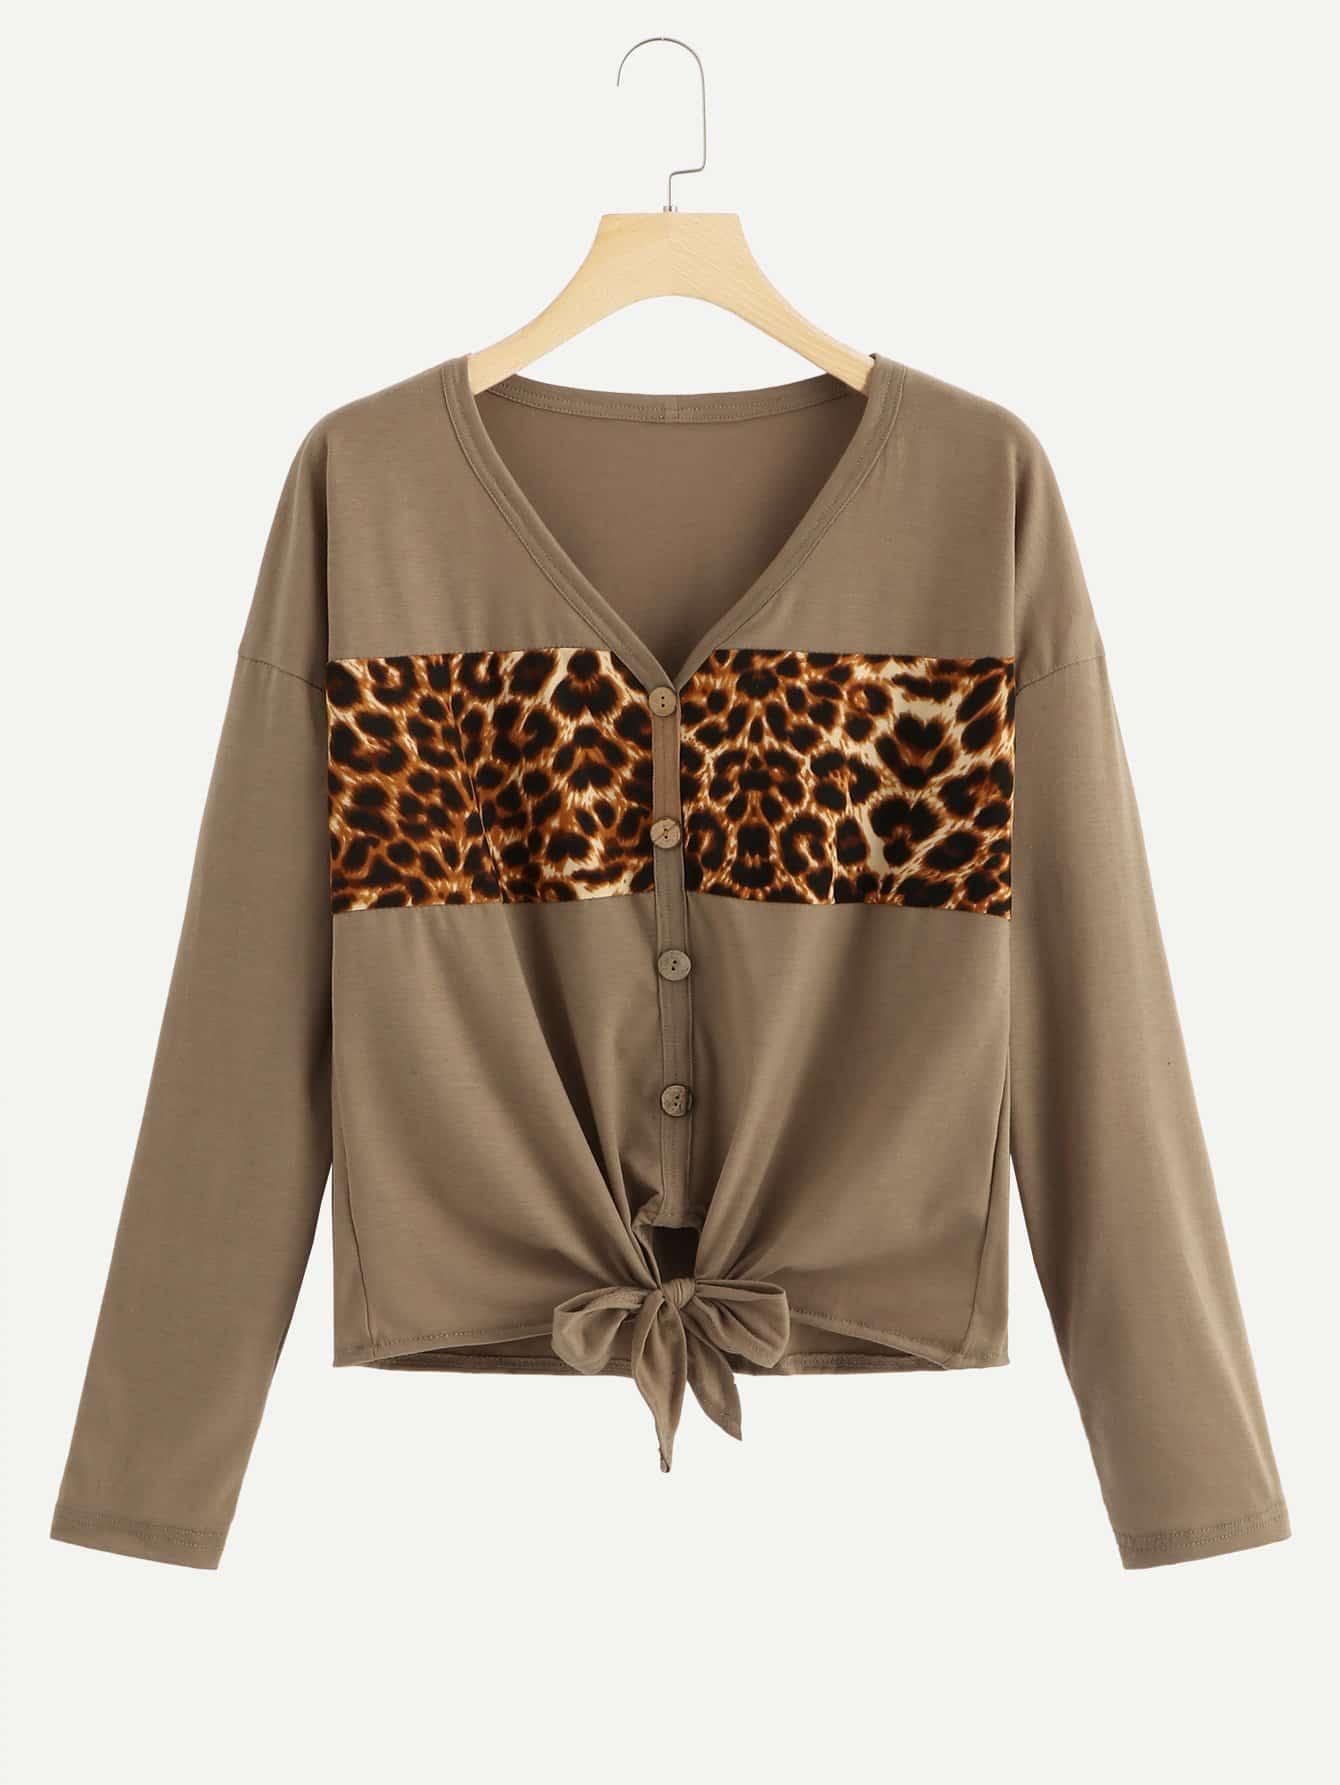 Купить Контрастная леопардовая футболка с бантом, null, SheIn